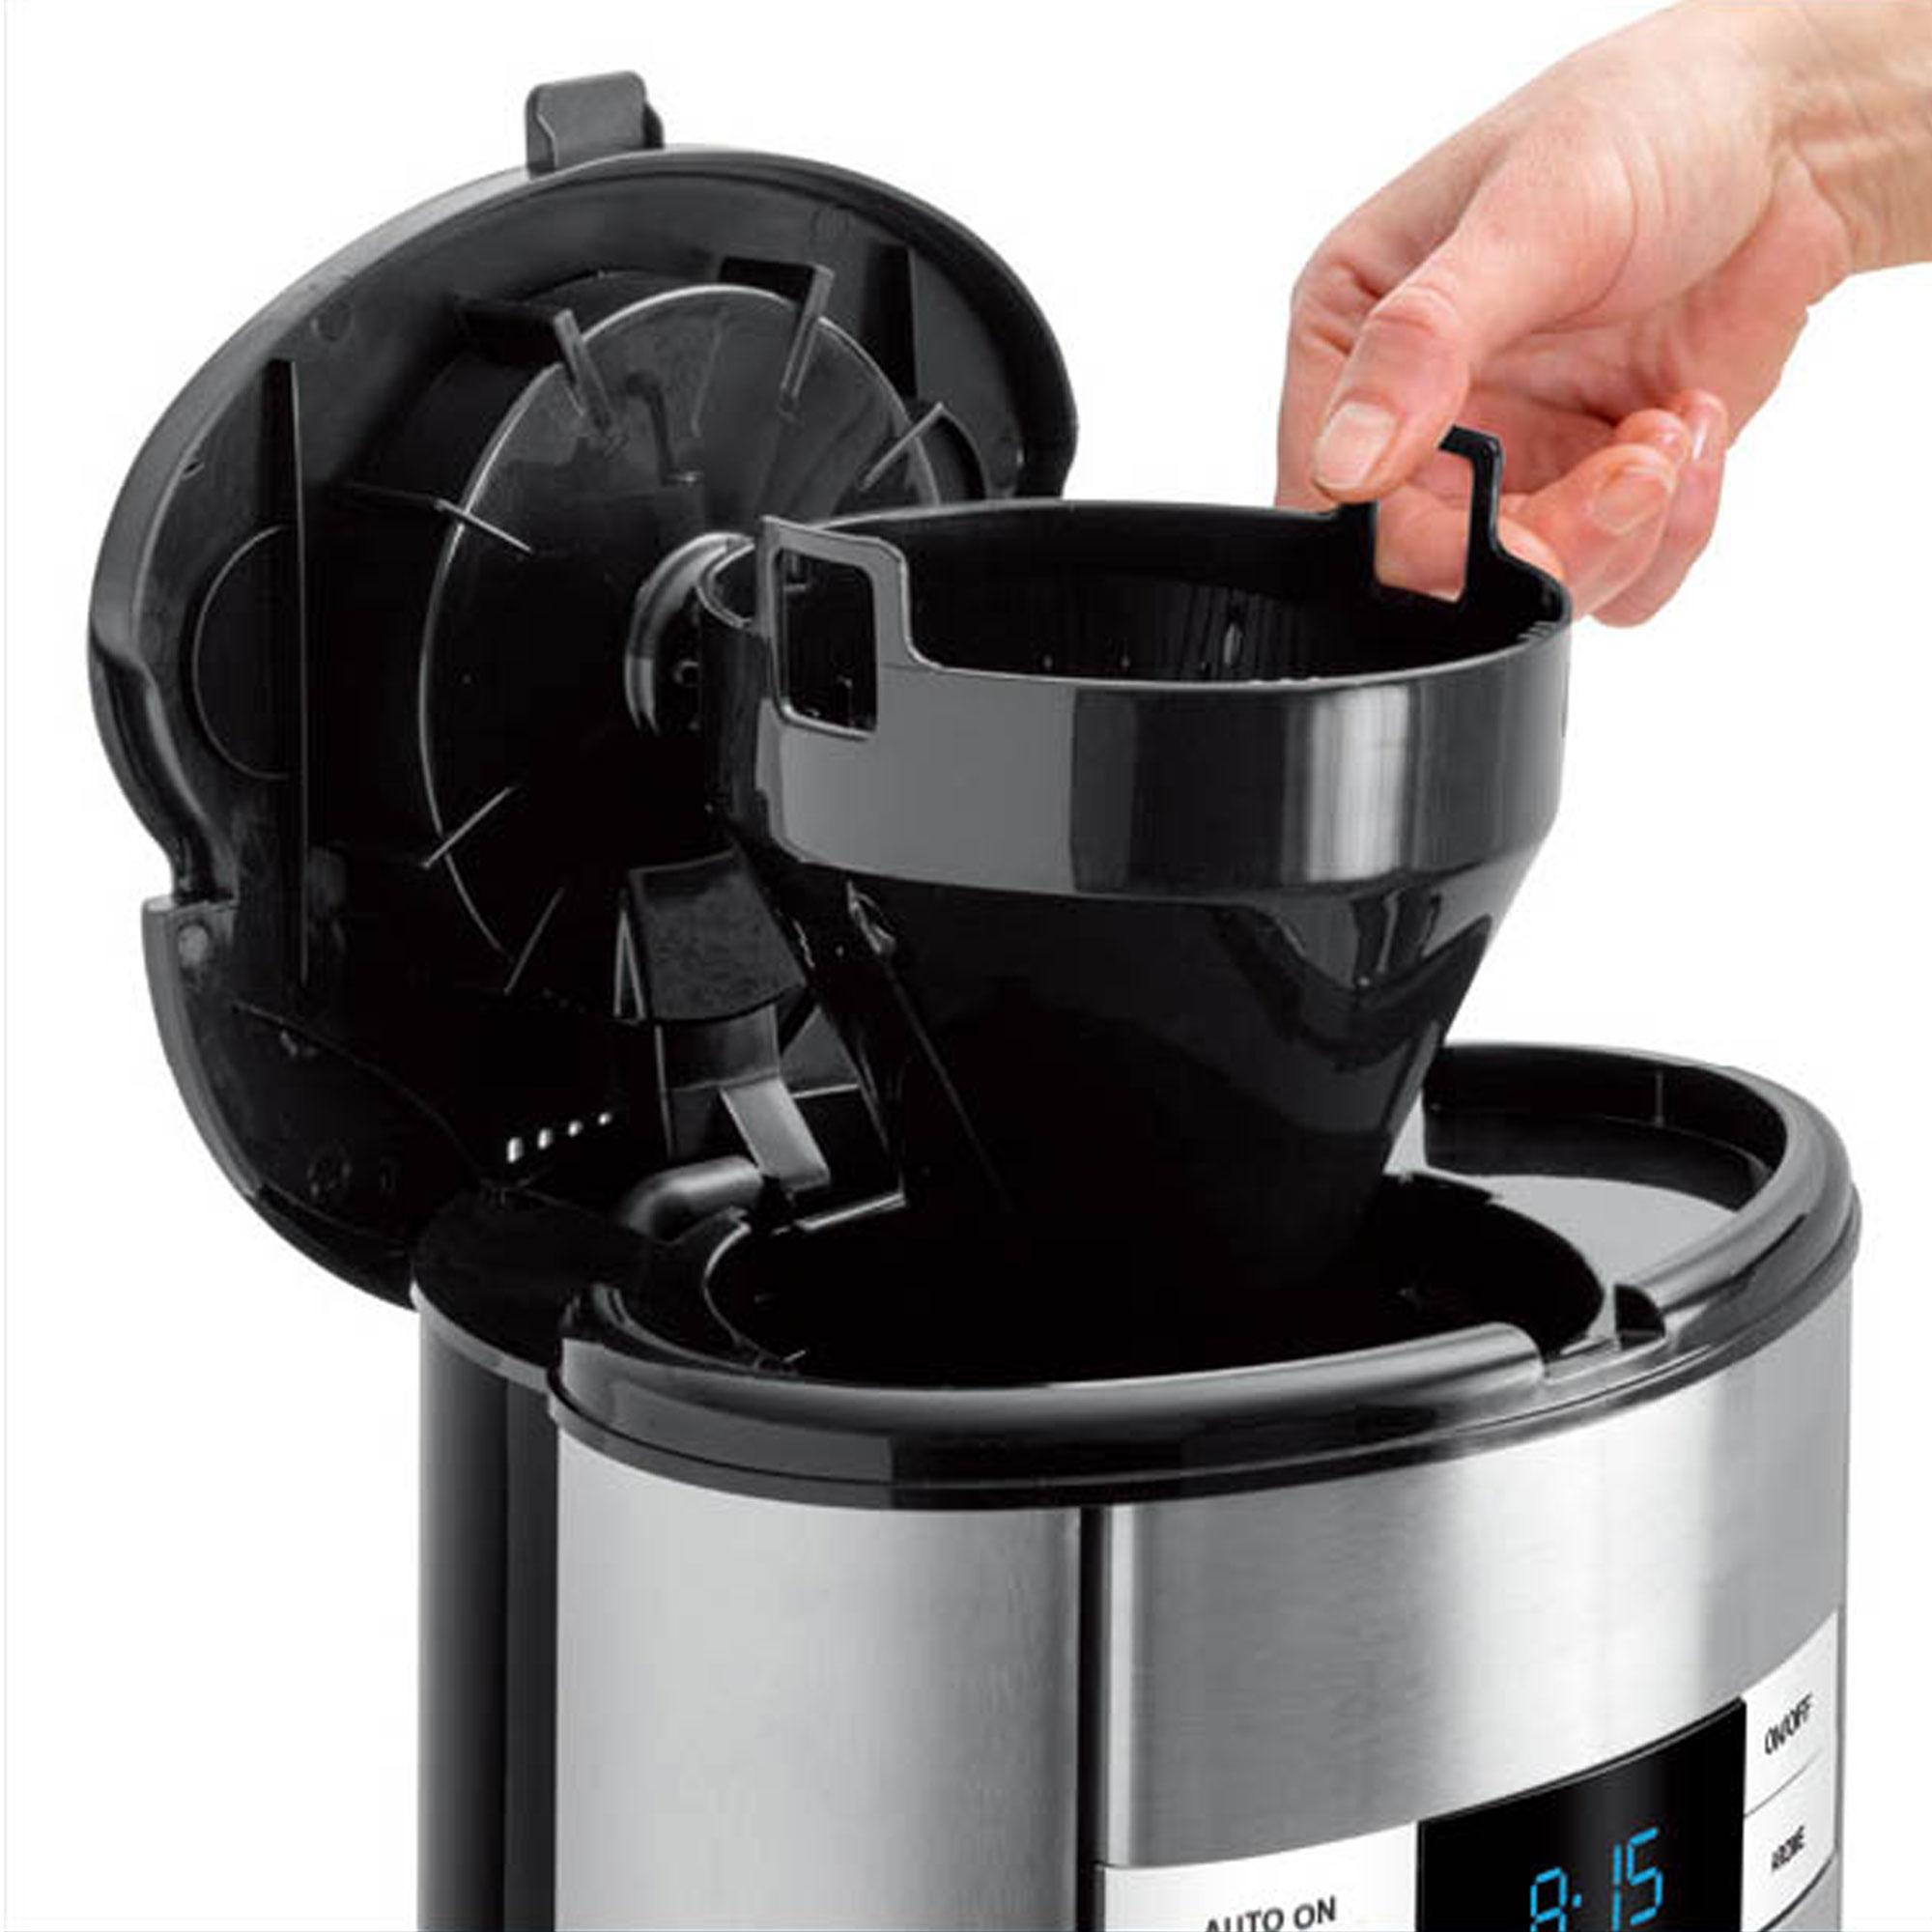 Digitální kávovar pro přípravu Gastroback 42704